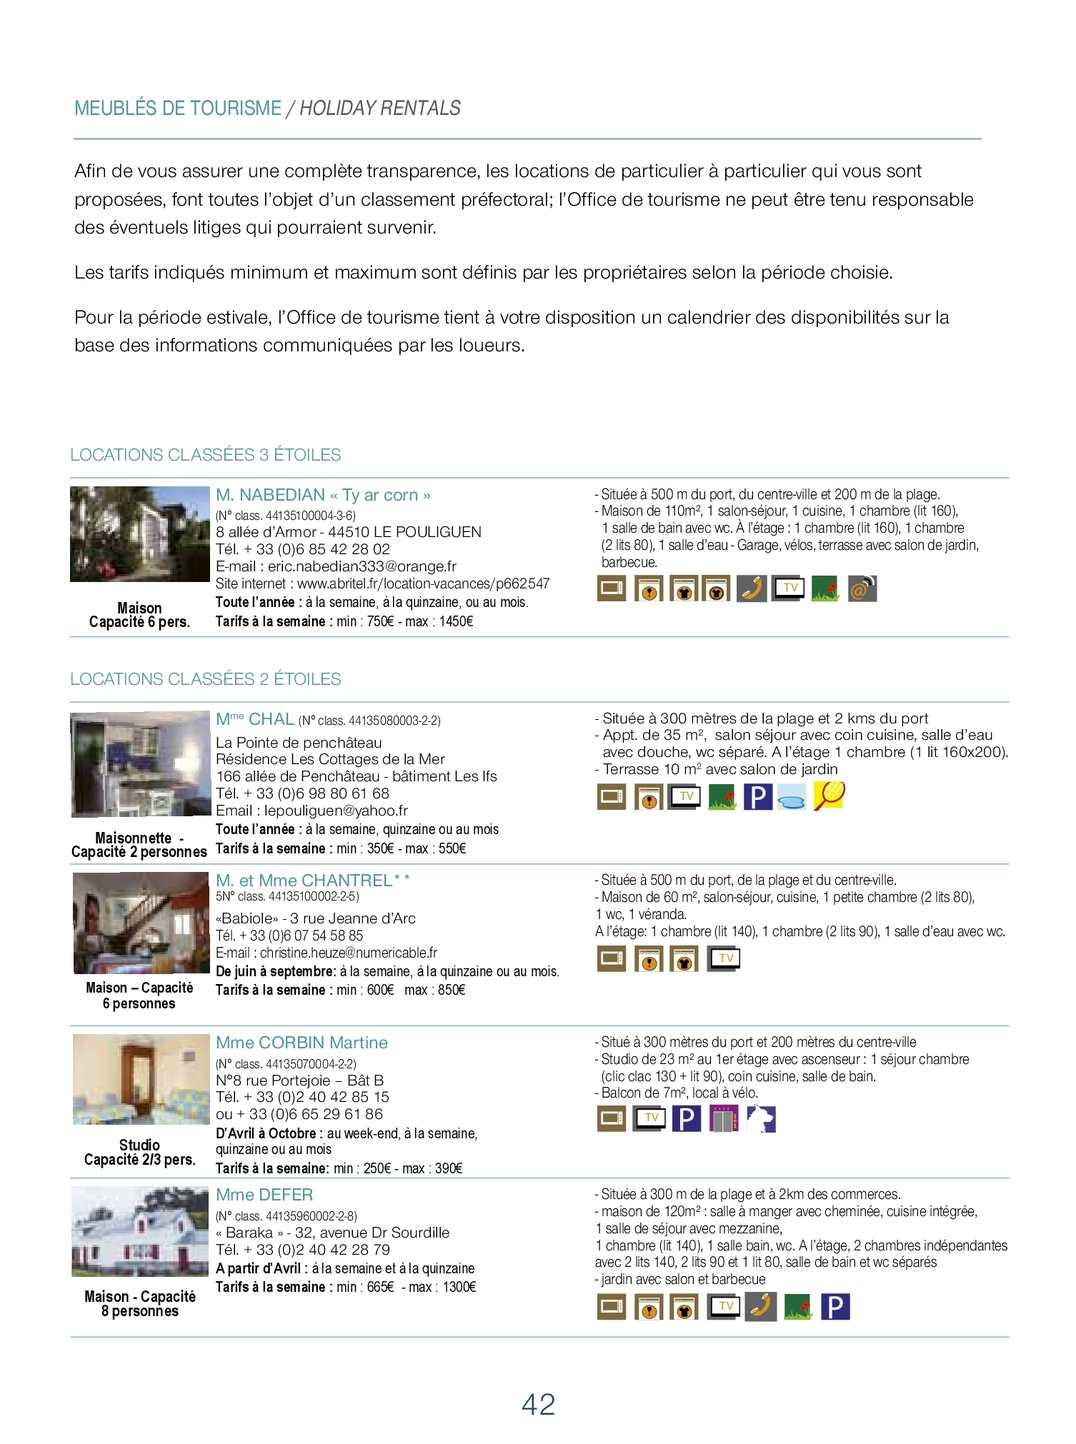 Guide Touristique 2012 Du Pouliguen Calameo Downloader